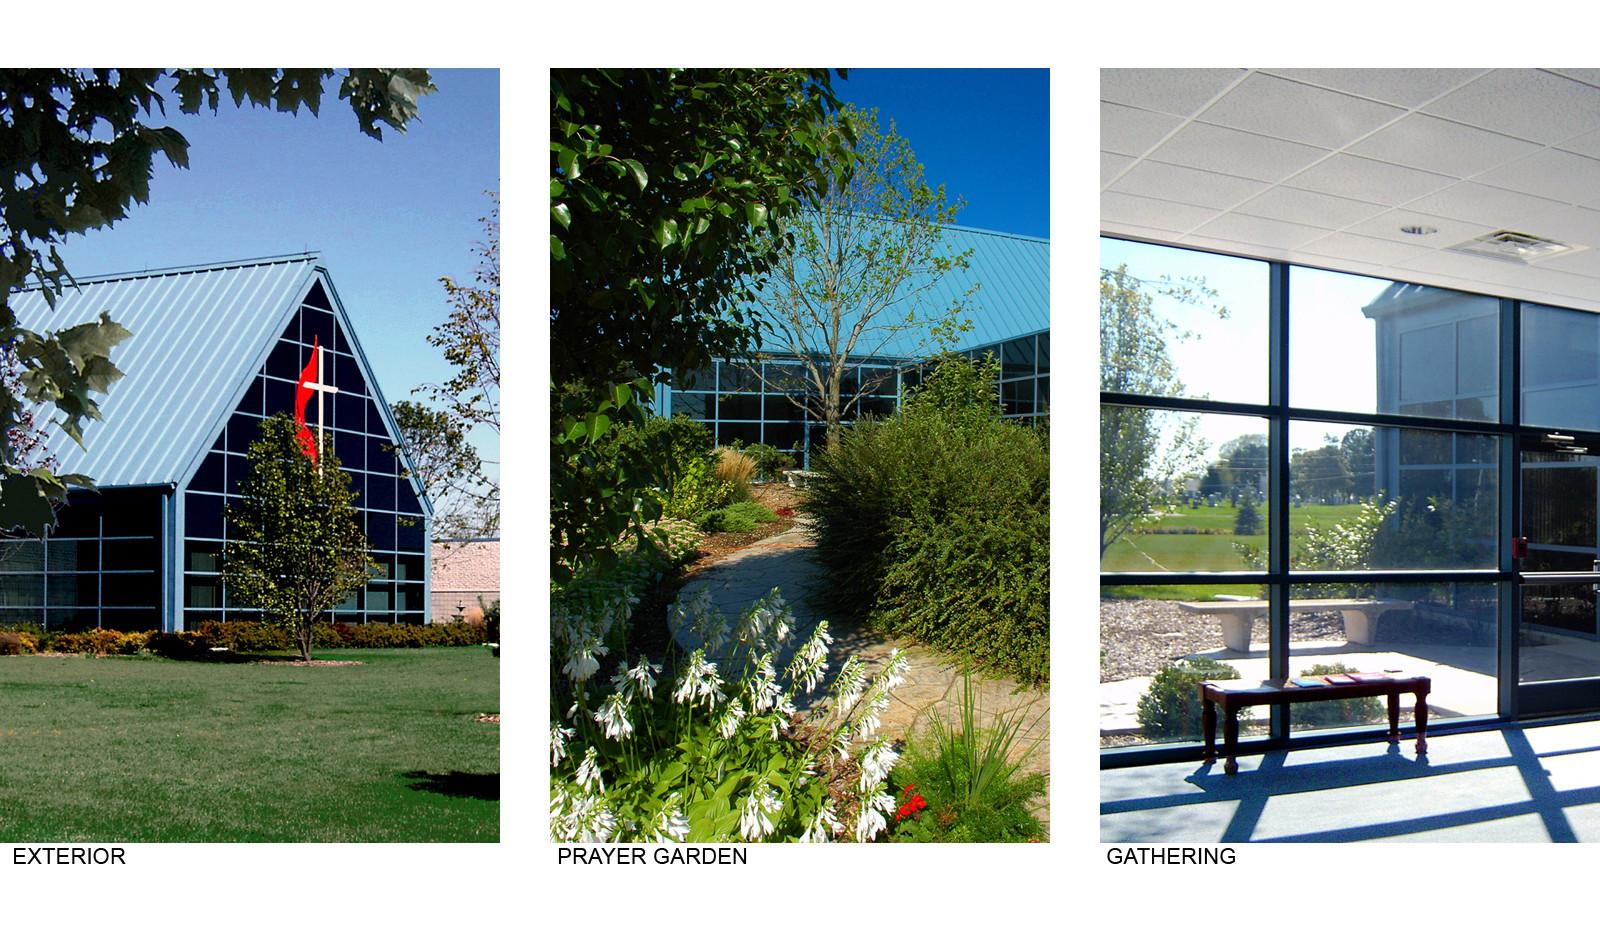 Cornerstone UMC Exterior, Prayer Garden and Gathering Space